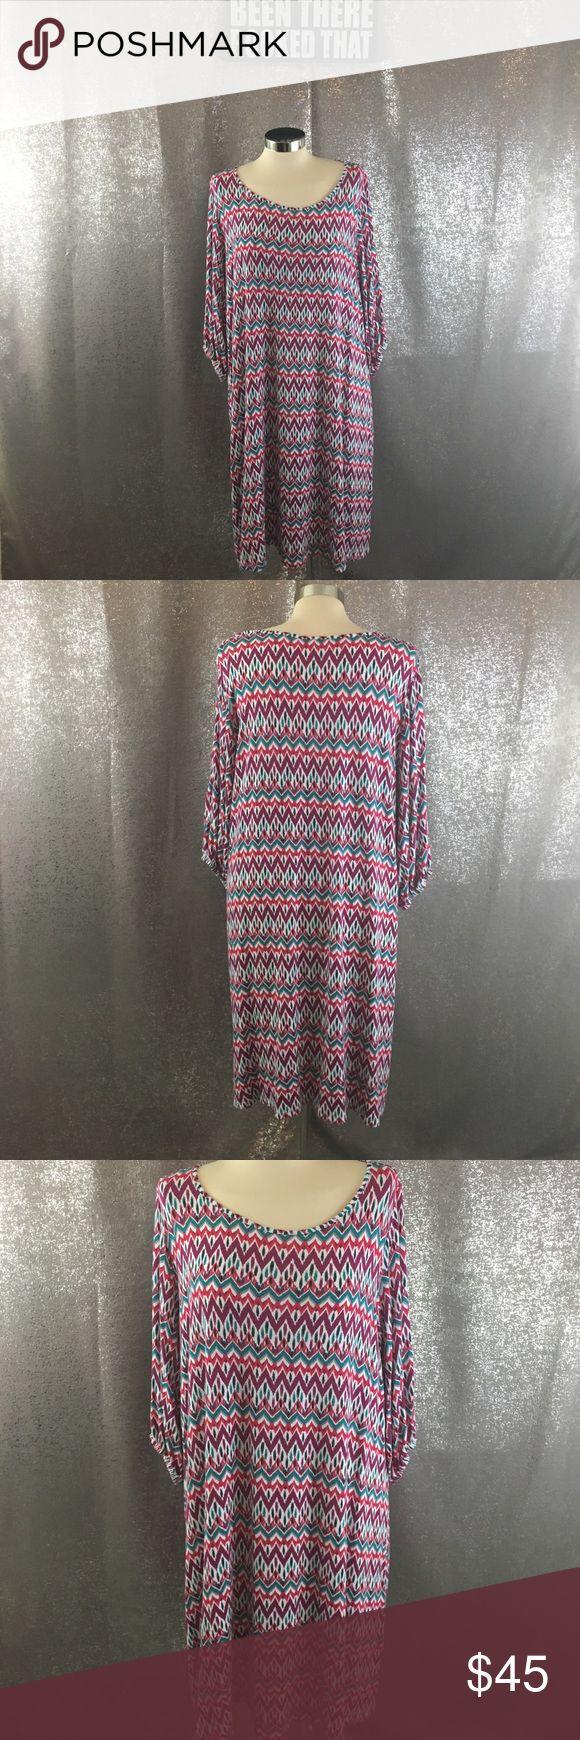 Market & spruce chevron print dress stitch fix Excellent condition, no pilling Market & Spruce Dresses